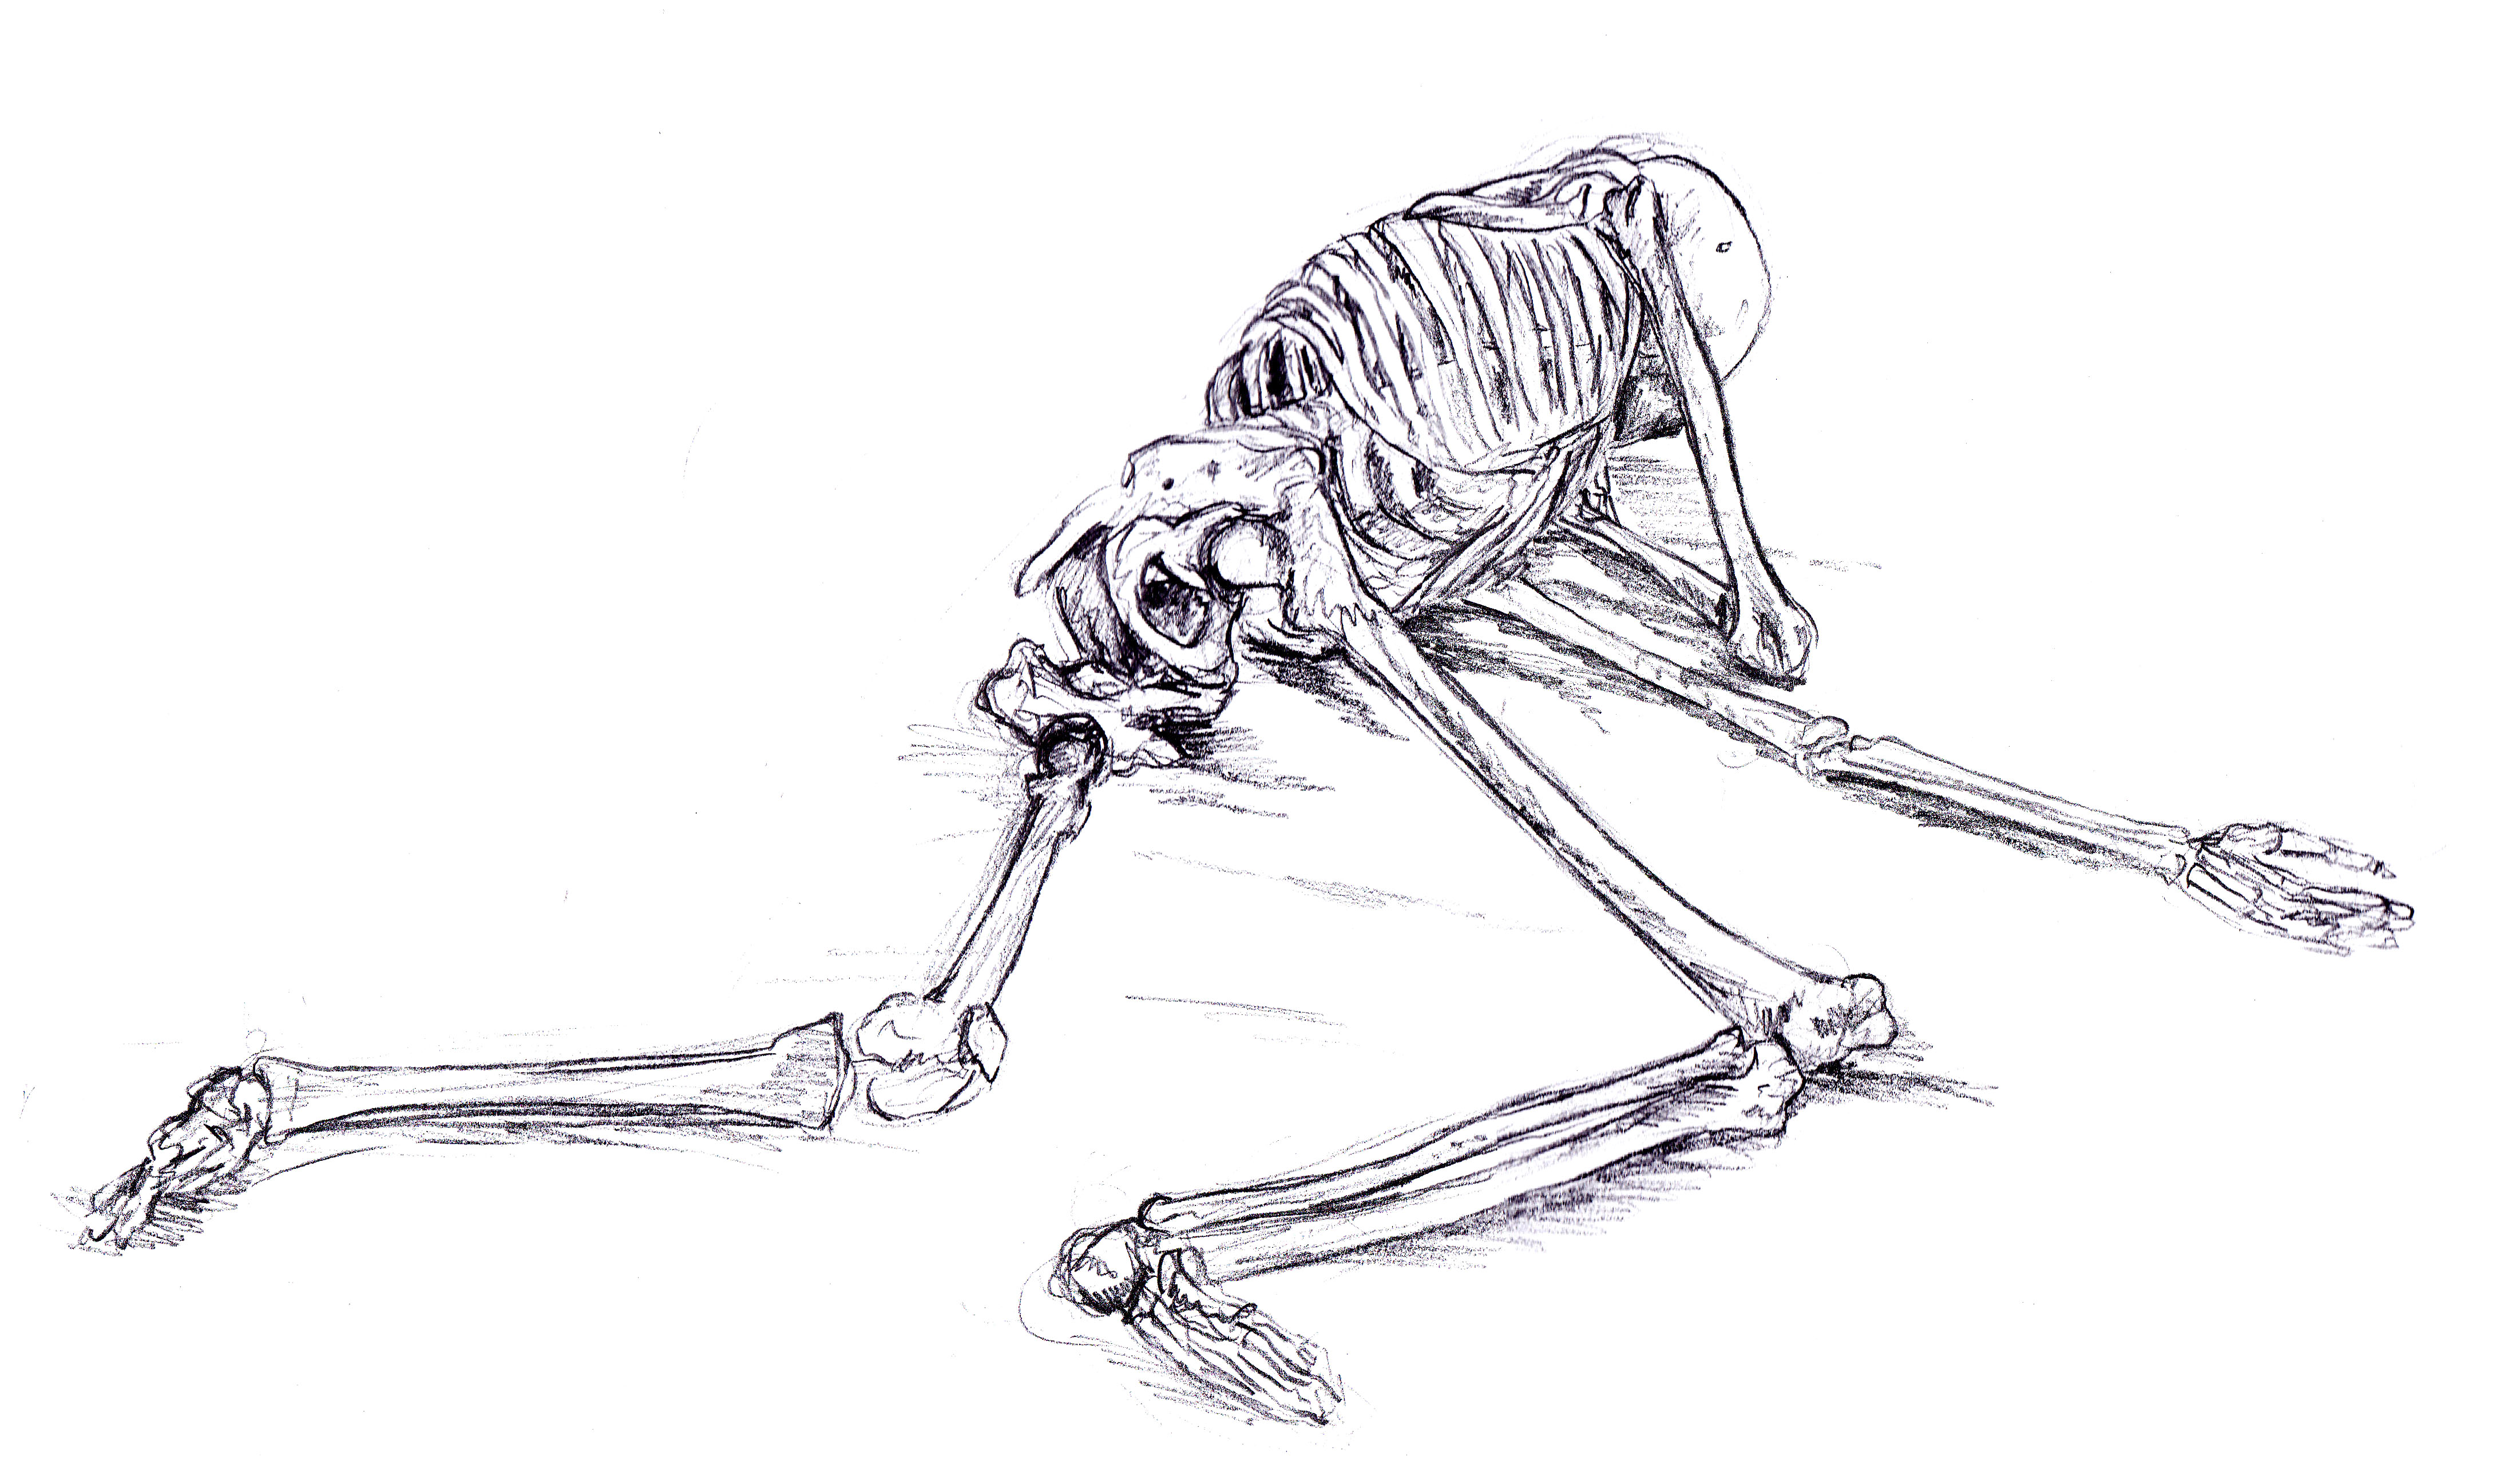 Drawn sleleton arm Vann around of is spread